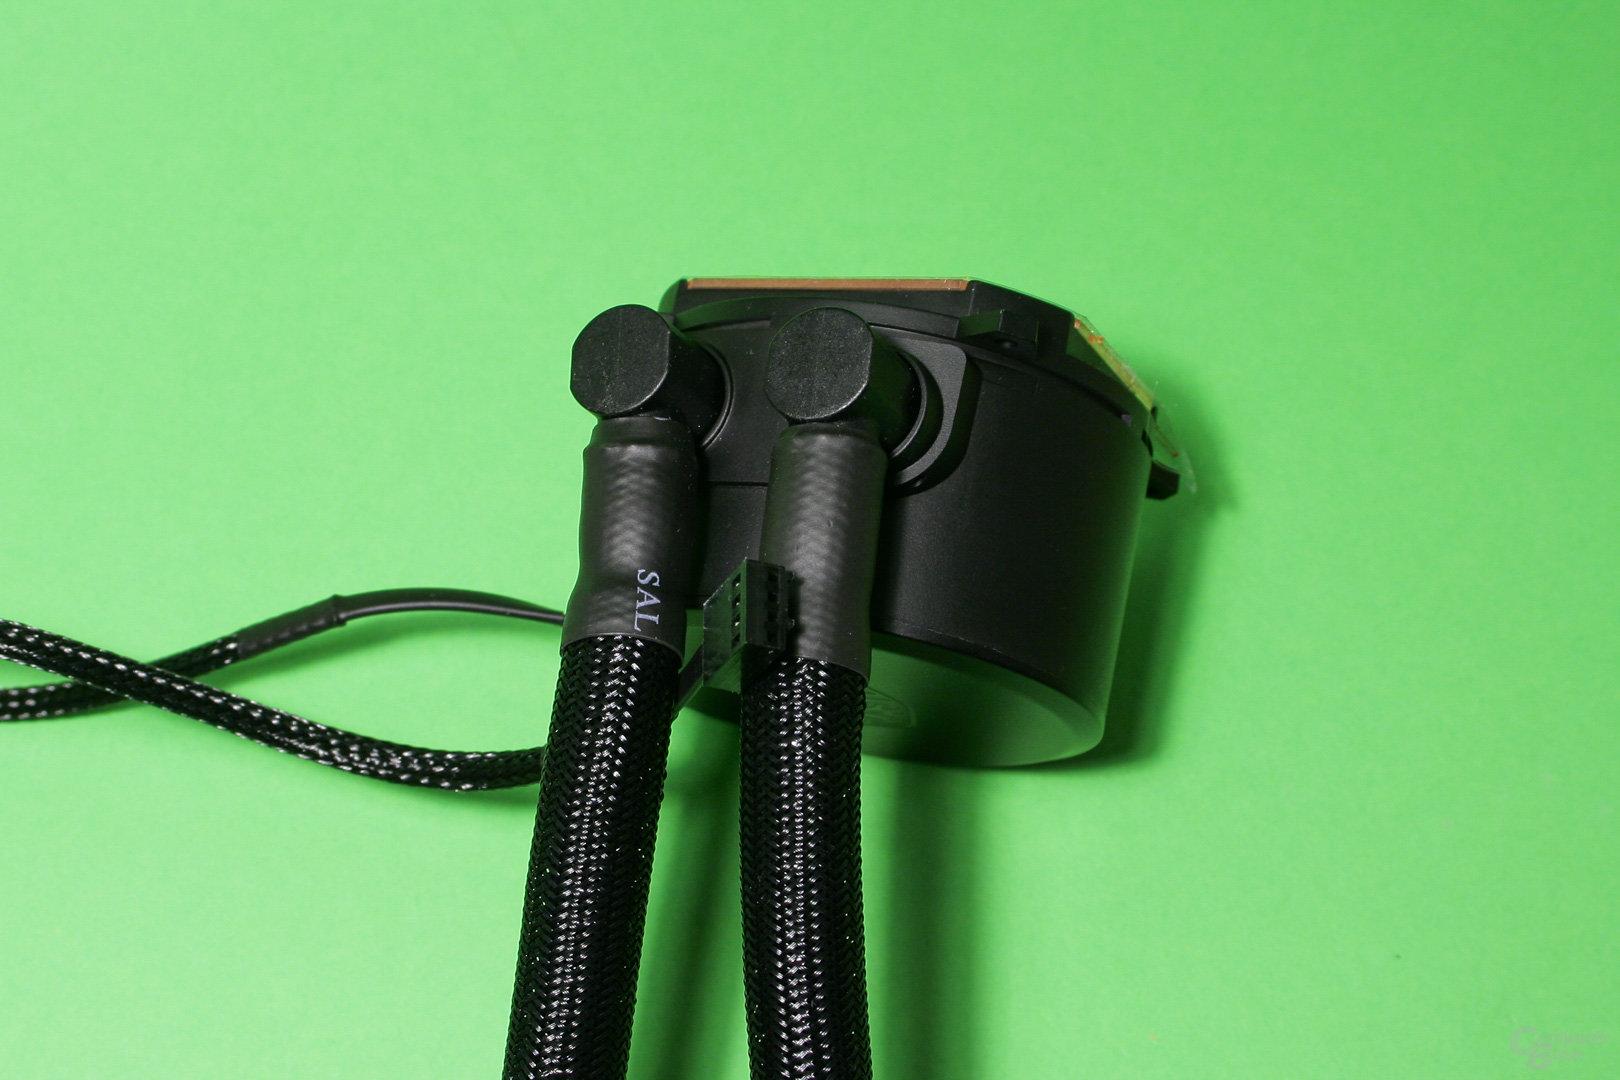 Cooler Master Masterliquid 240: Schlauchbefestigungen an der Pumpe